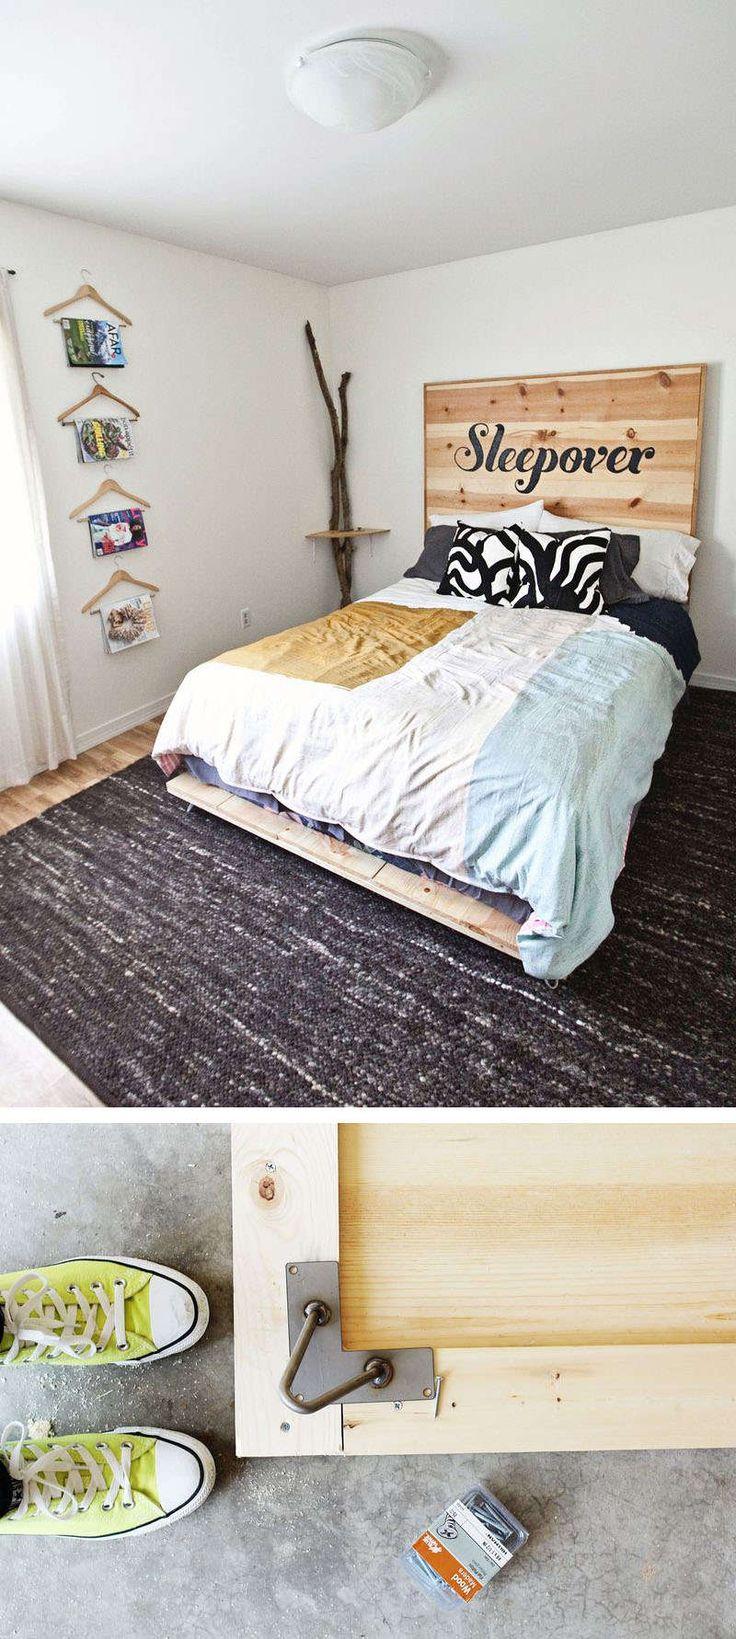 Außergewöhnliche betten selber bauen  Die besten 25+ Bett selber bauen Ideen auf Pinterest | Bett bauen ...